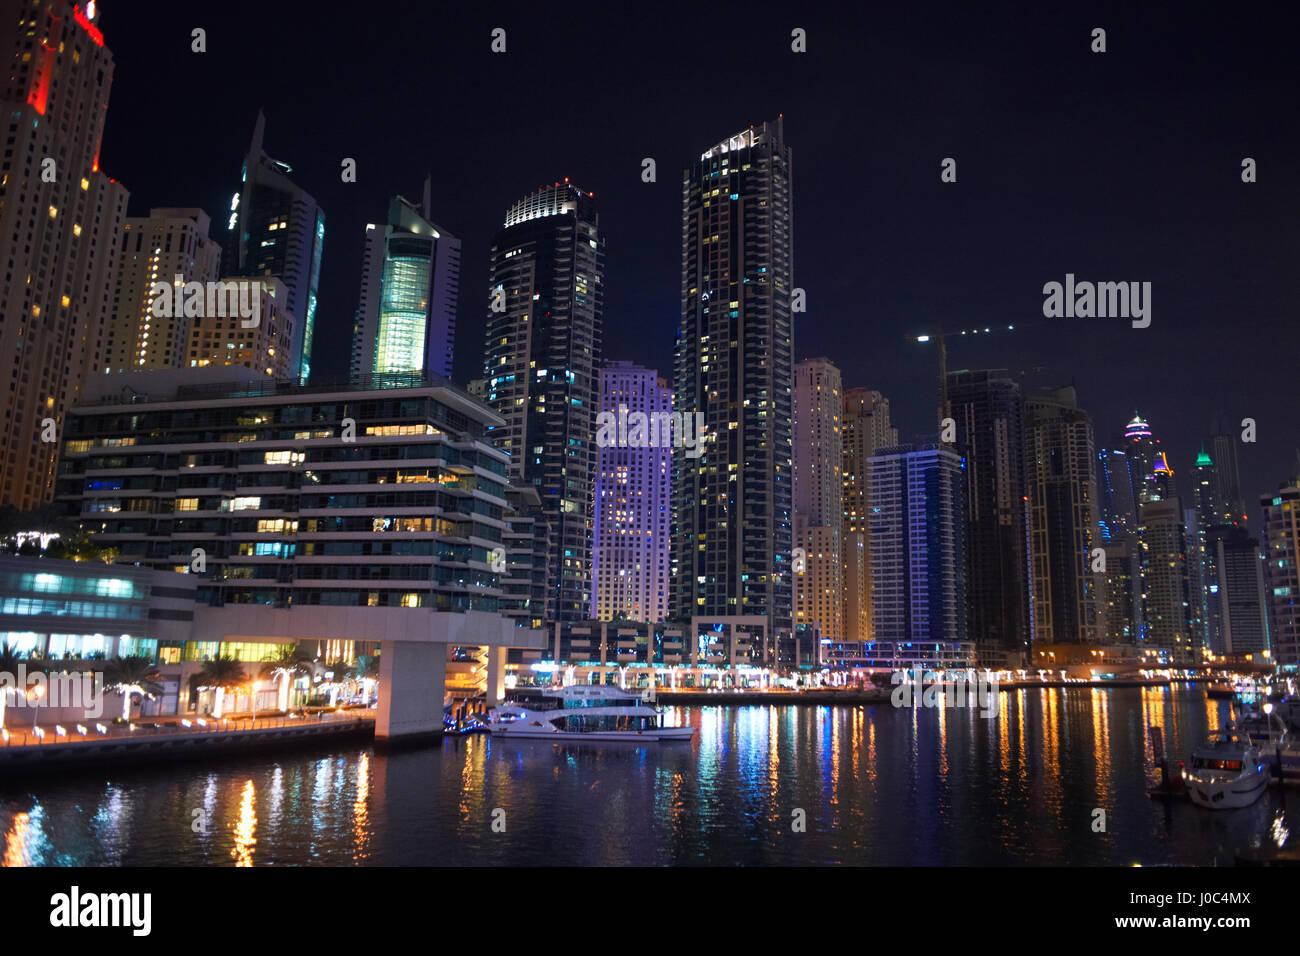 Cityscape at night of Dubai Marina, Dubai, UAE - Stock Image